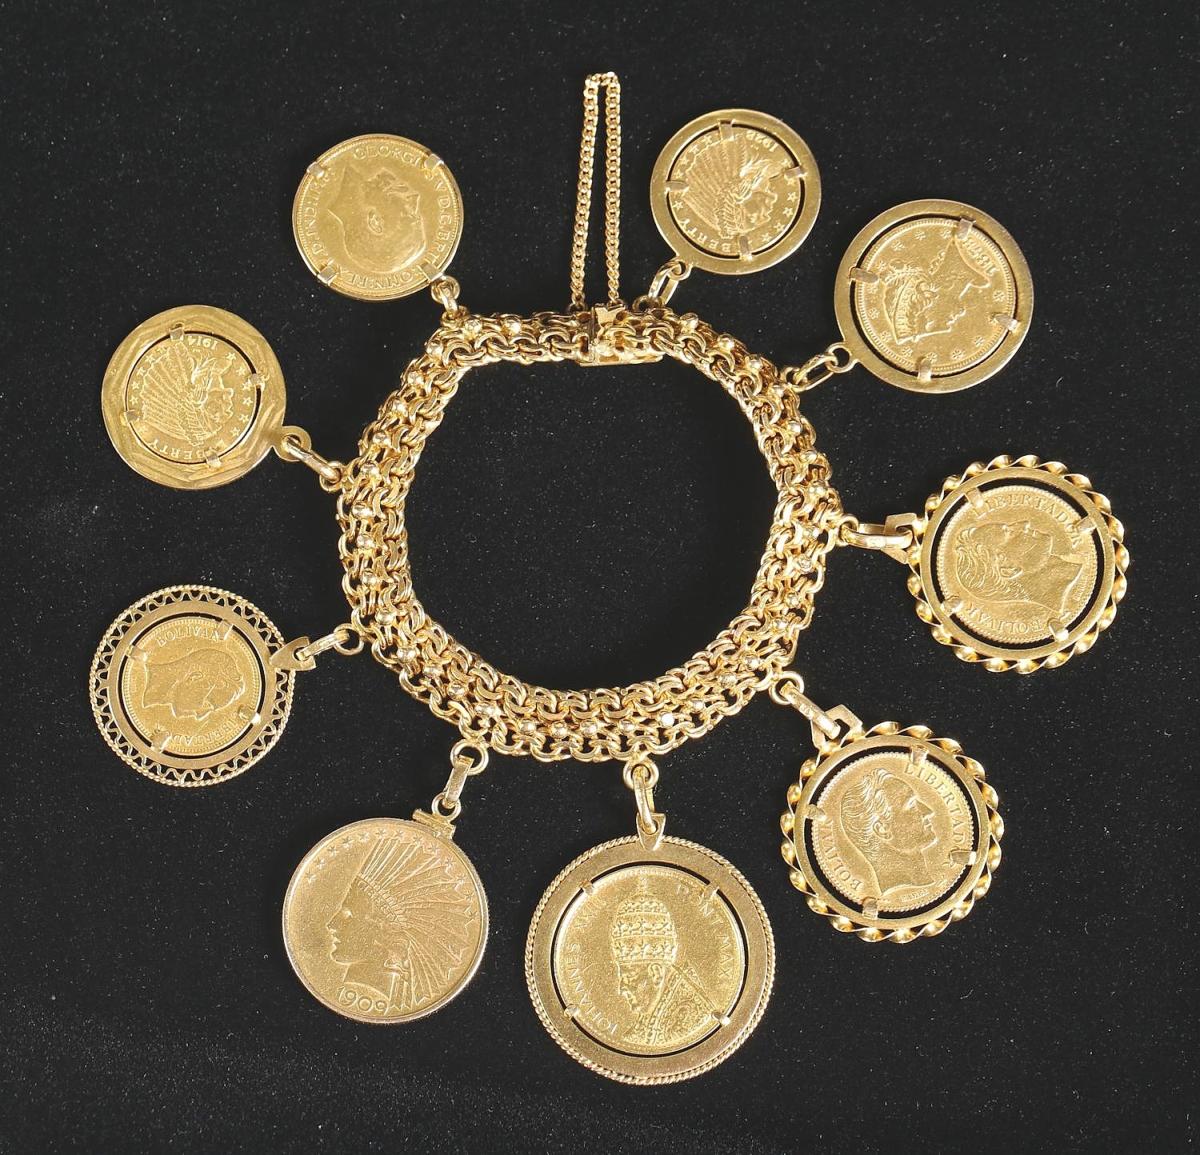 5898096 Gold Coin Charm Bracelet